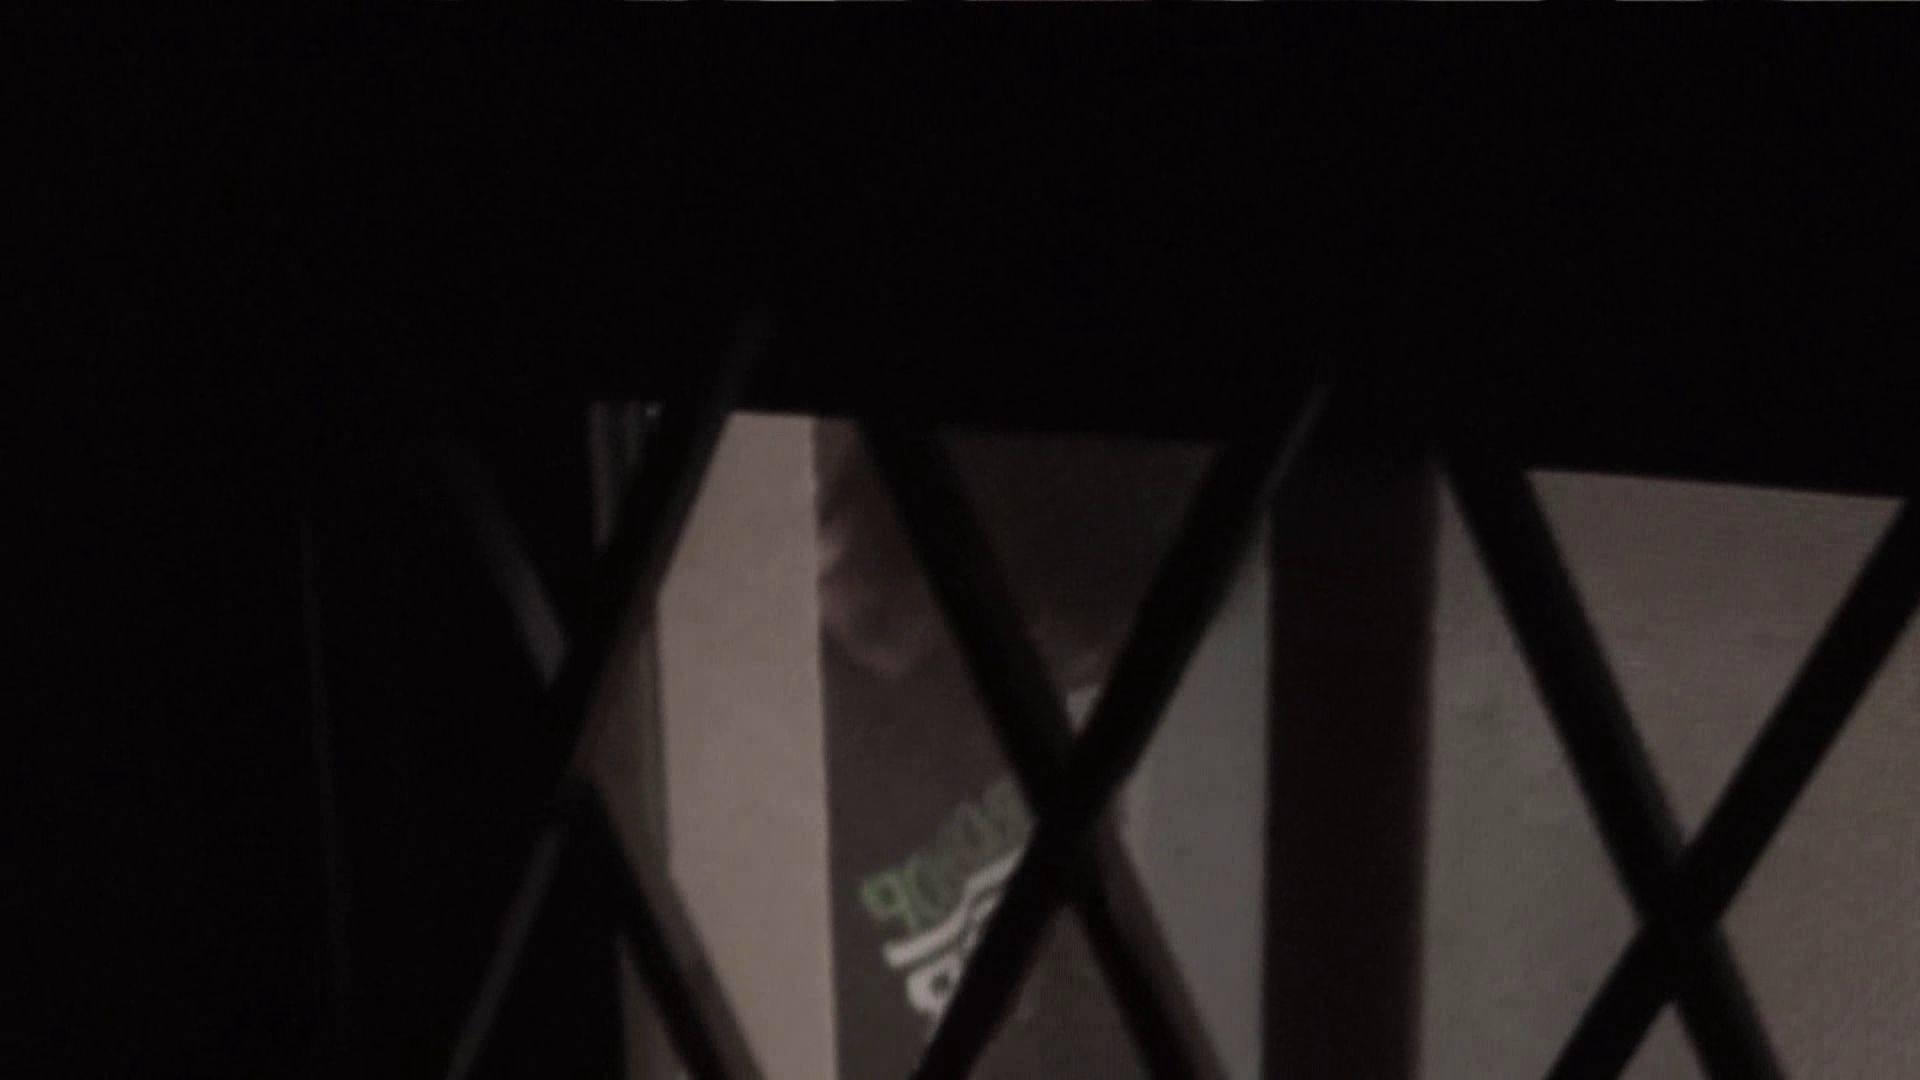 民家の騎士さんの最後の性戦ハイビジョン!!No.50 民家   おっぱい特集  46pic 19